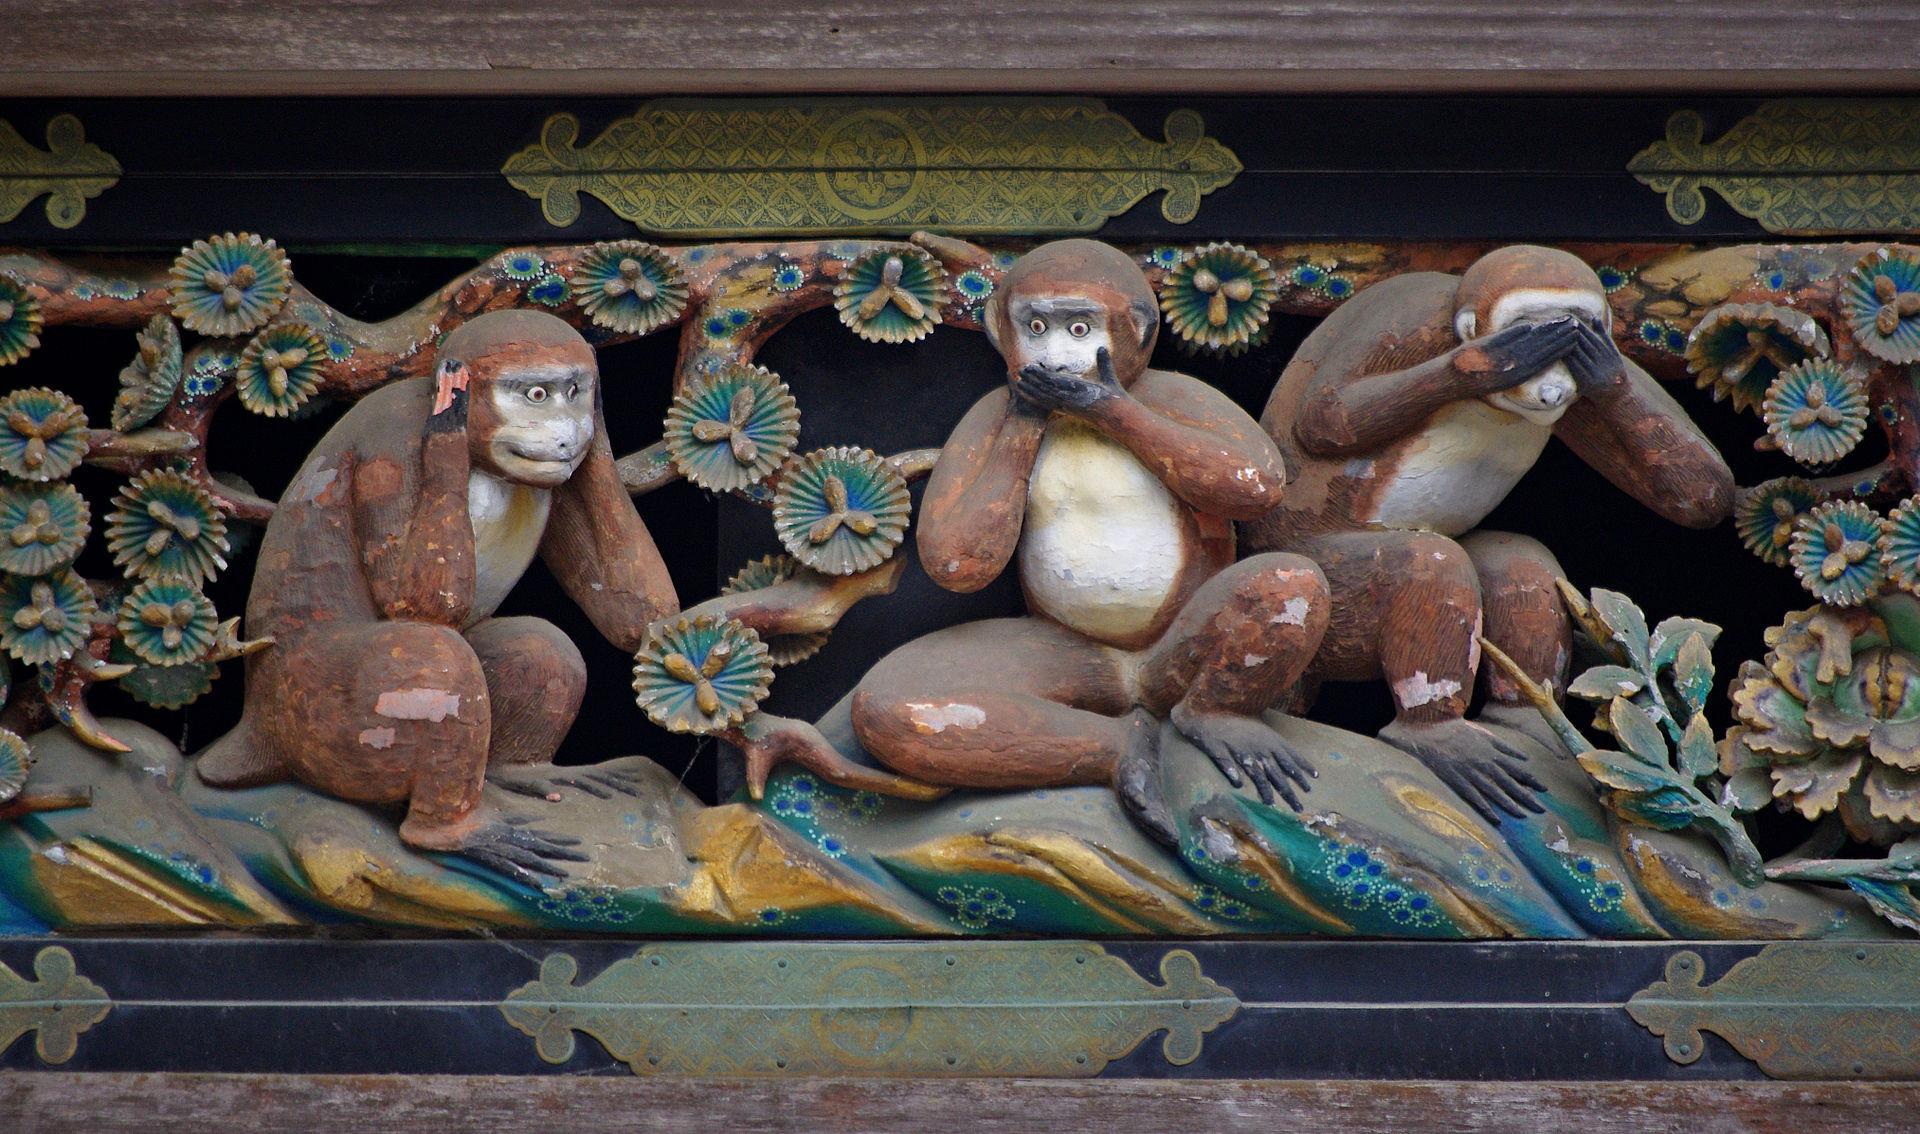 ▲▼日本日光東照宮神廐舍上的「三猿」雕像。(圖/翻攝自Kiwi)